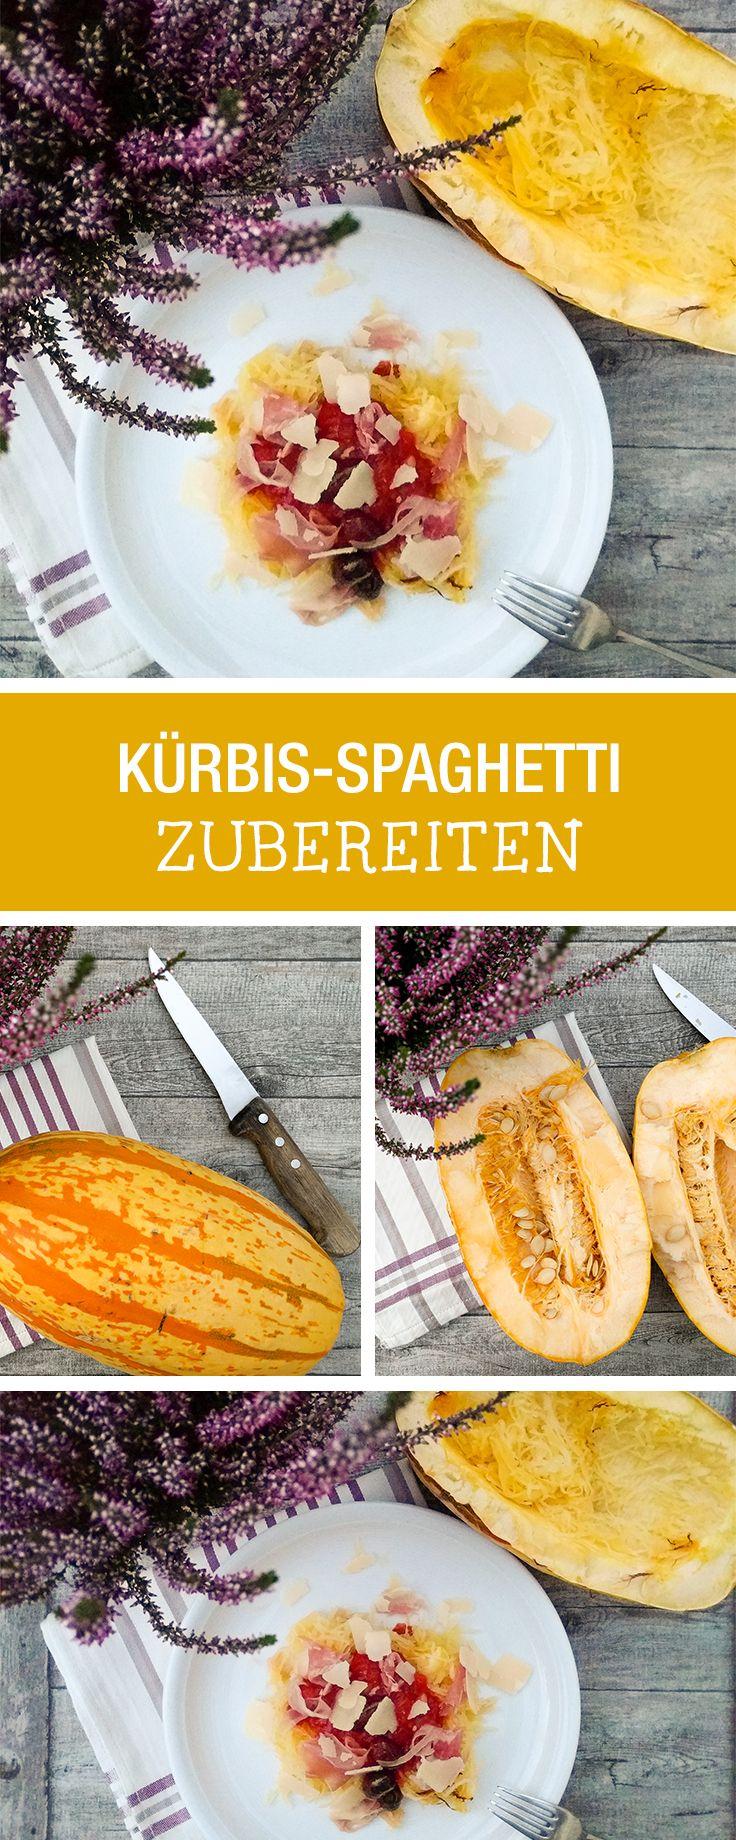 Kennst Du einen Spaghettikürbis? Wir zeigen Dir, wie Du ihn zubereitest / how to cook a spaghetti pumpkin via DaWanda.com